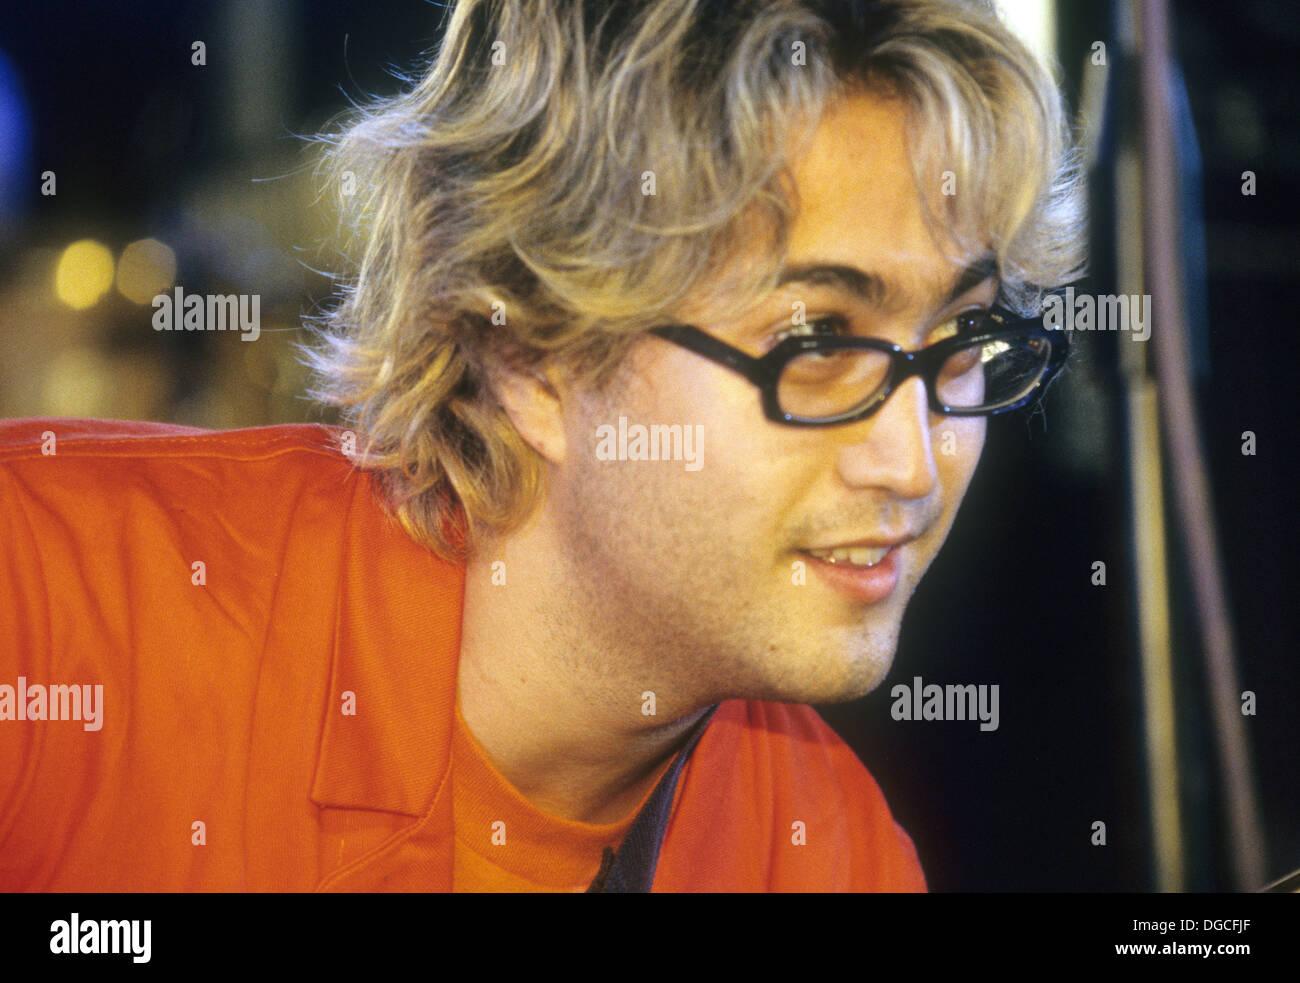 SEAN LENNON Rock Musician Son Of John Lennon At Glastonbury Festival In 1998 Photo Martin Norris